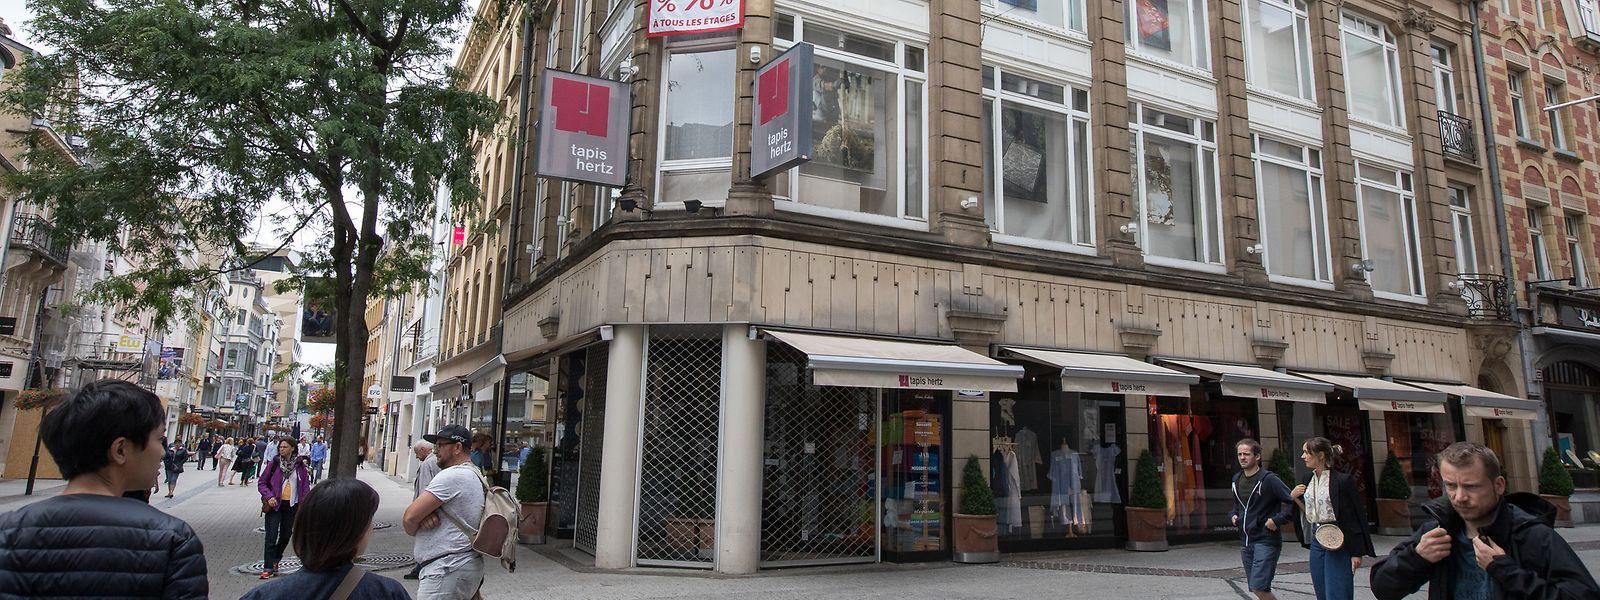 Das Teppichgeschäft befindet sich seit 1981 an der Ecke Grand-Rue/Rue des Capucins.